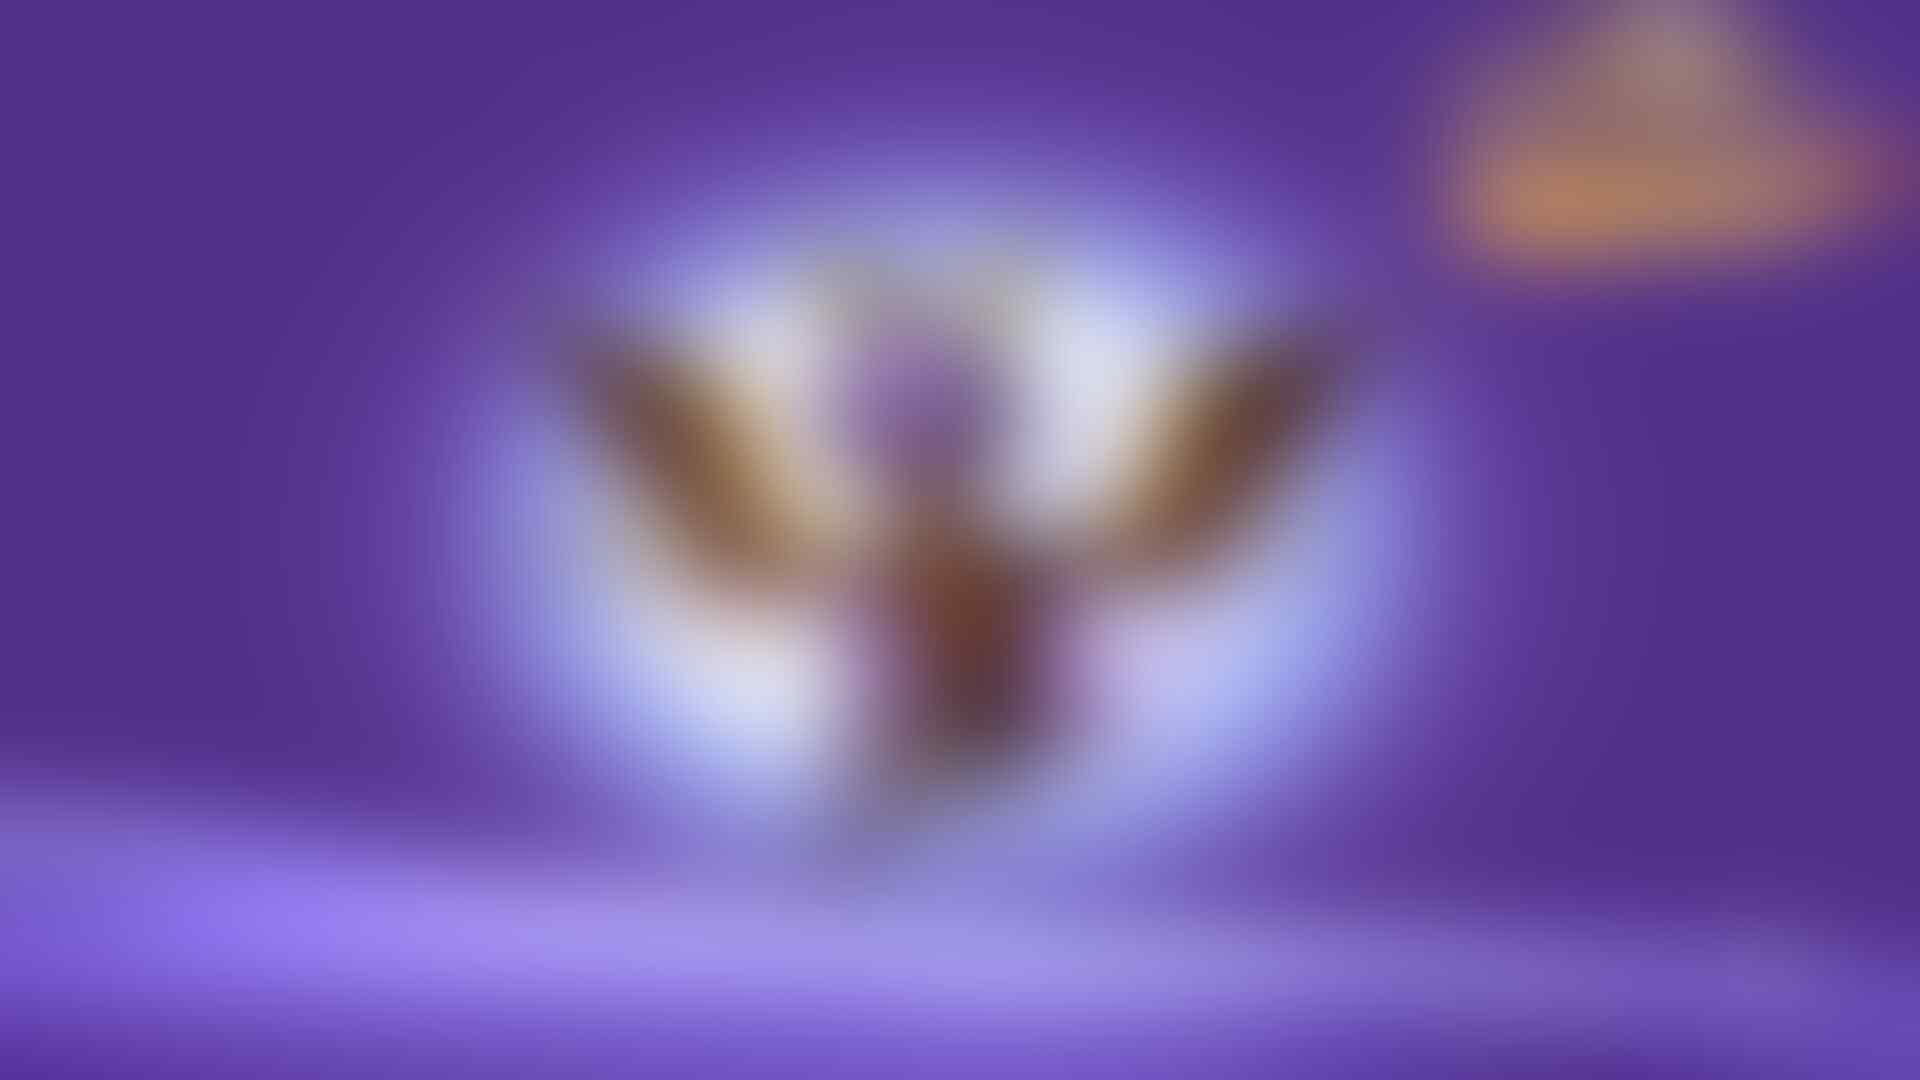 Dibuat Versi Remastered, Yuk Nostalgia Bareng Spyro Si Naga Pemberani